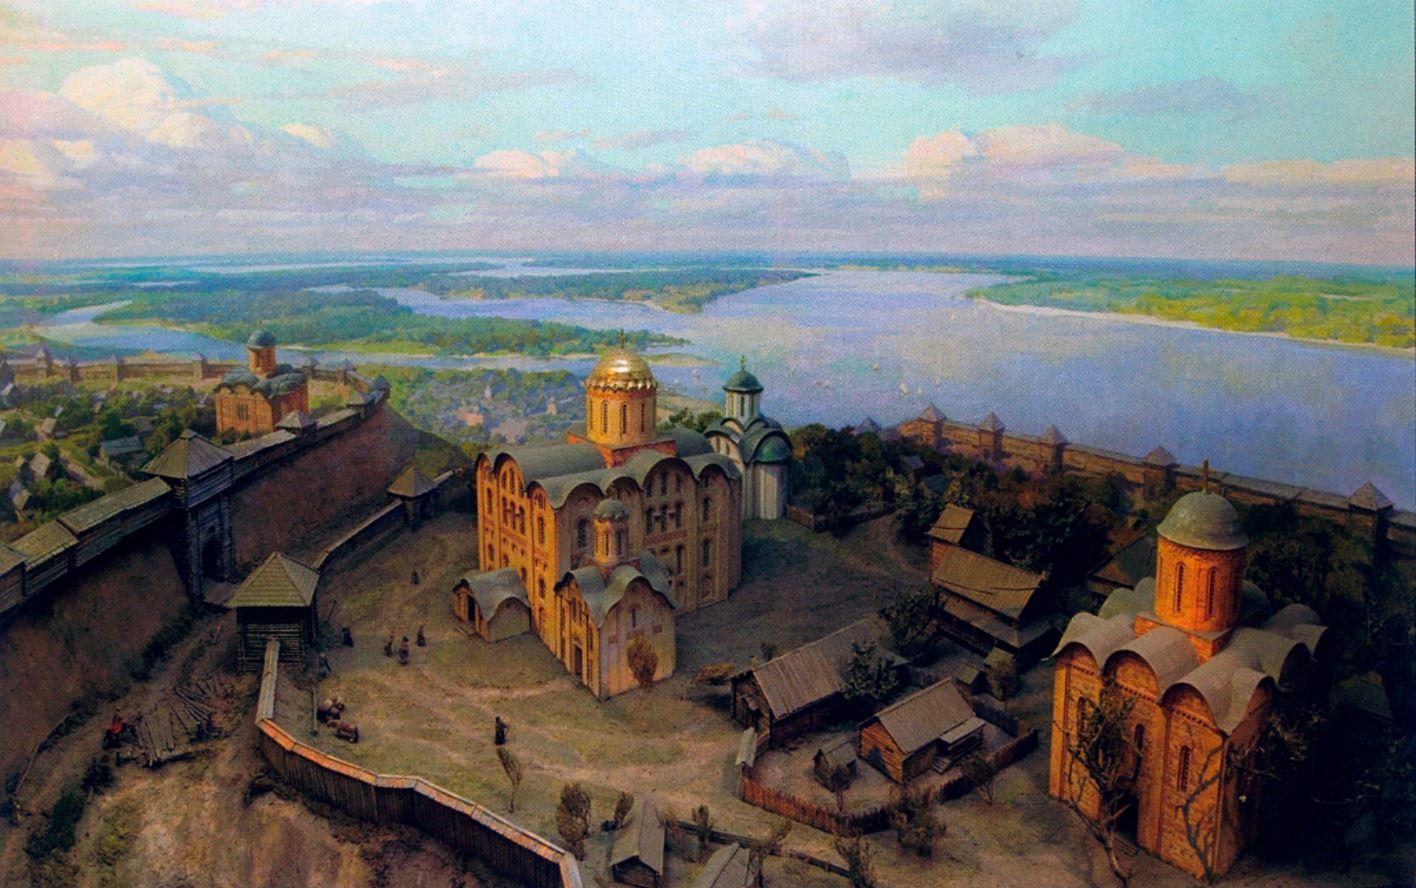 Димитриевский монастырь - Диорама Древнего Киева из Национальном музее истории Украины, 2001